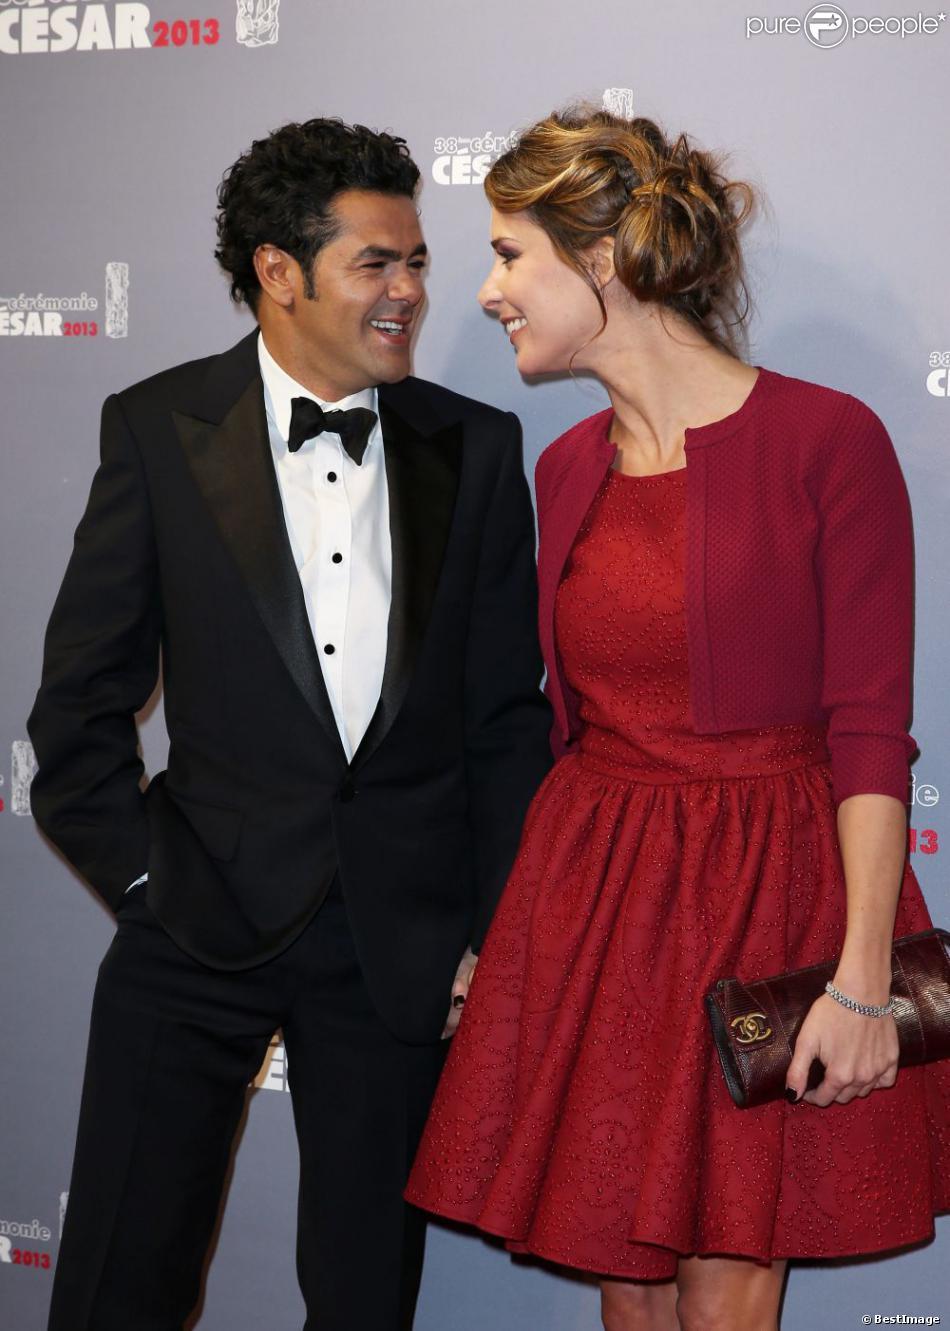 Jamel Debbouze, président de la 38e cérémonie, et sa femme Mélissa theuriau lors des César à Paris le 22 février 2013